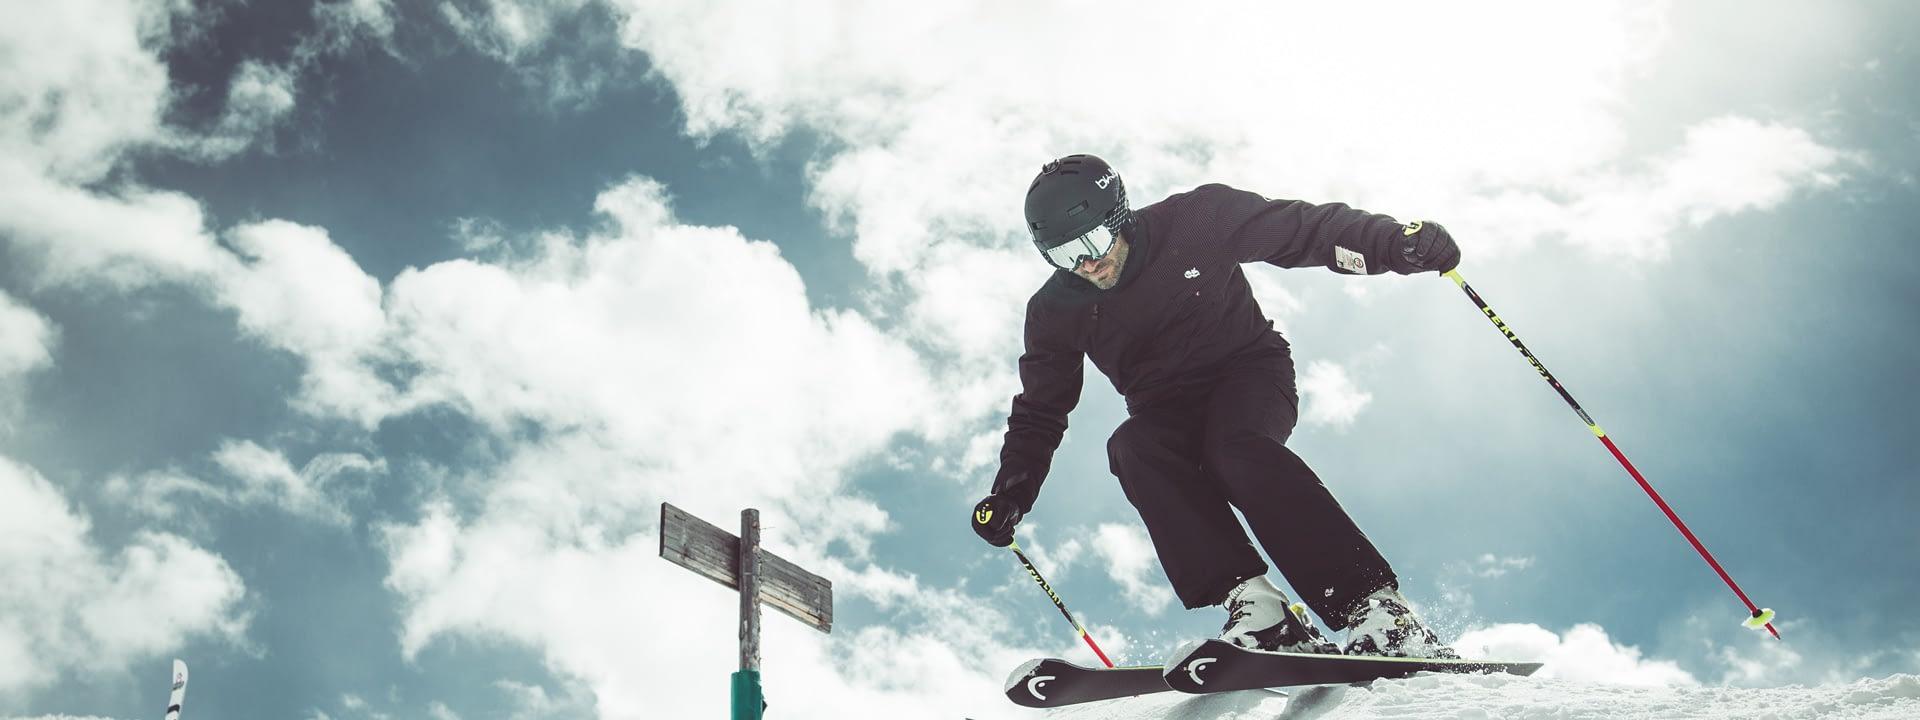 Sciatore sul Natural Pipe della ski area Mottolino a Livigno